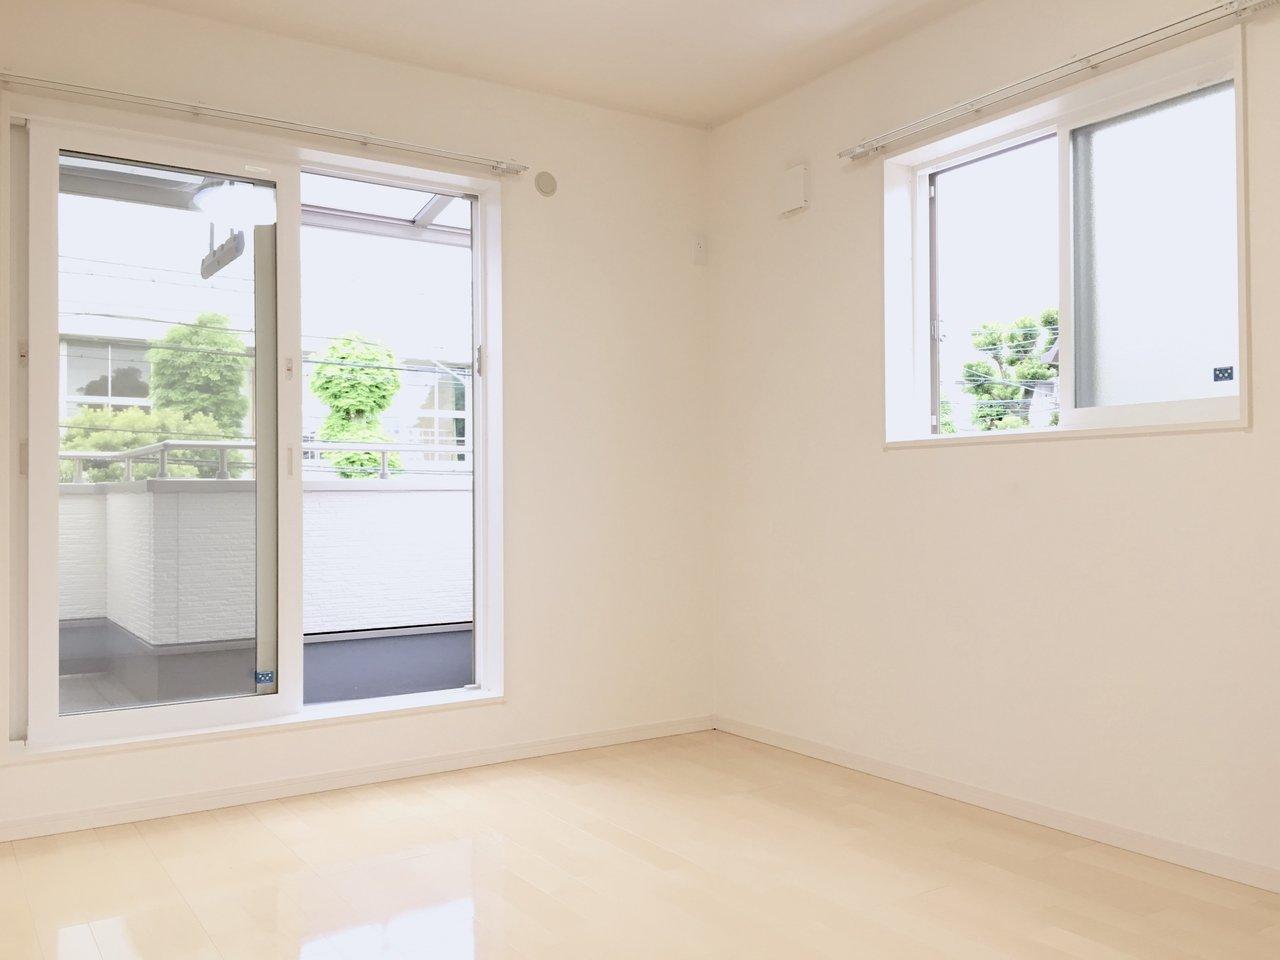 2階は洋室が3部屋あって、なんとどこの部屋も2面採光!一つは親の寝室、もう2部屋は子ども部屋、ですかね。